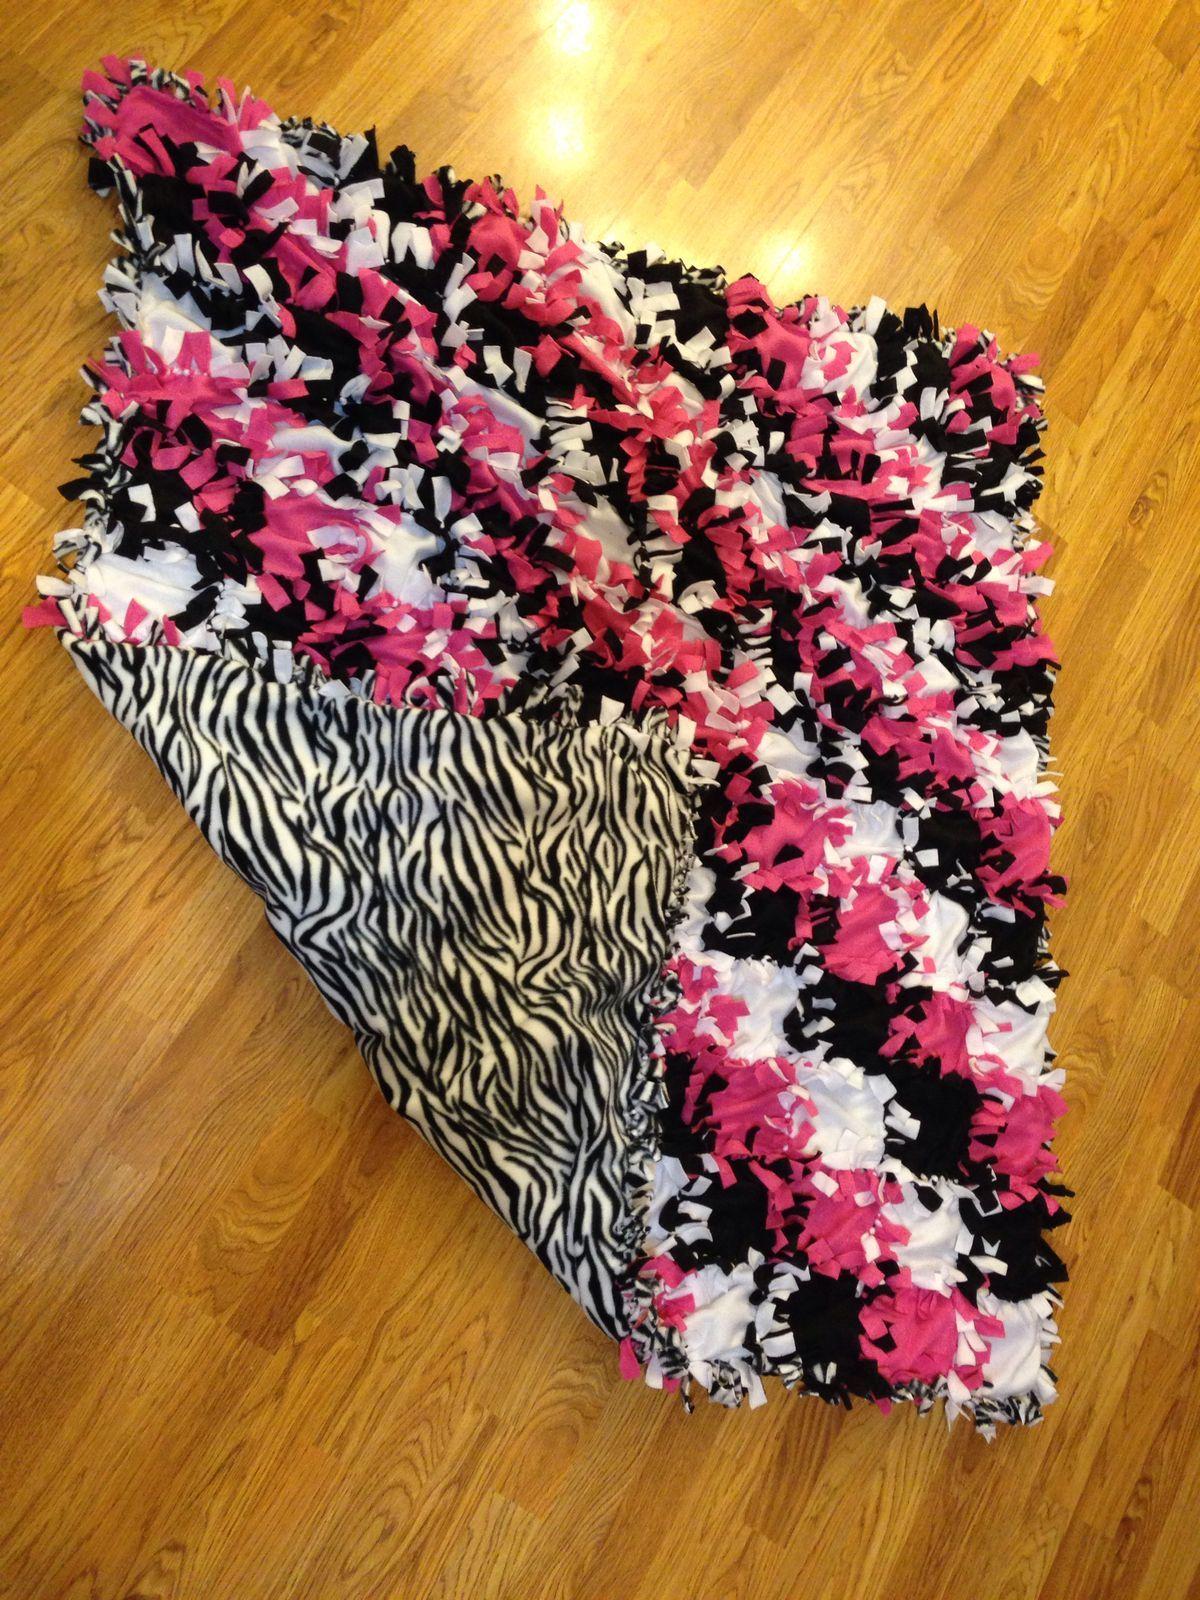 Diy no sew blanket fleece crafts homemade blankets